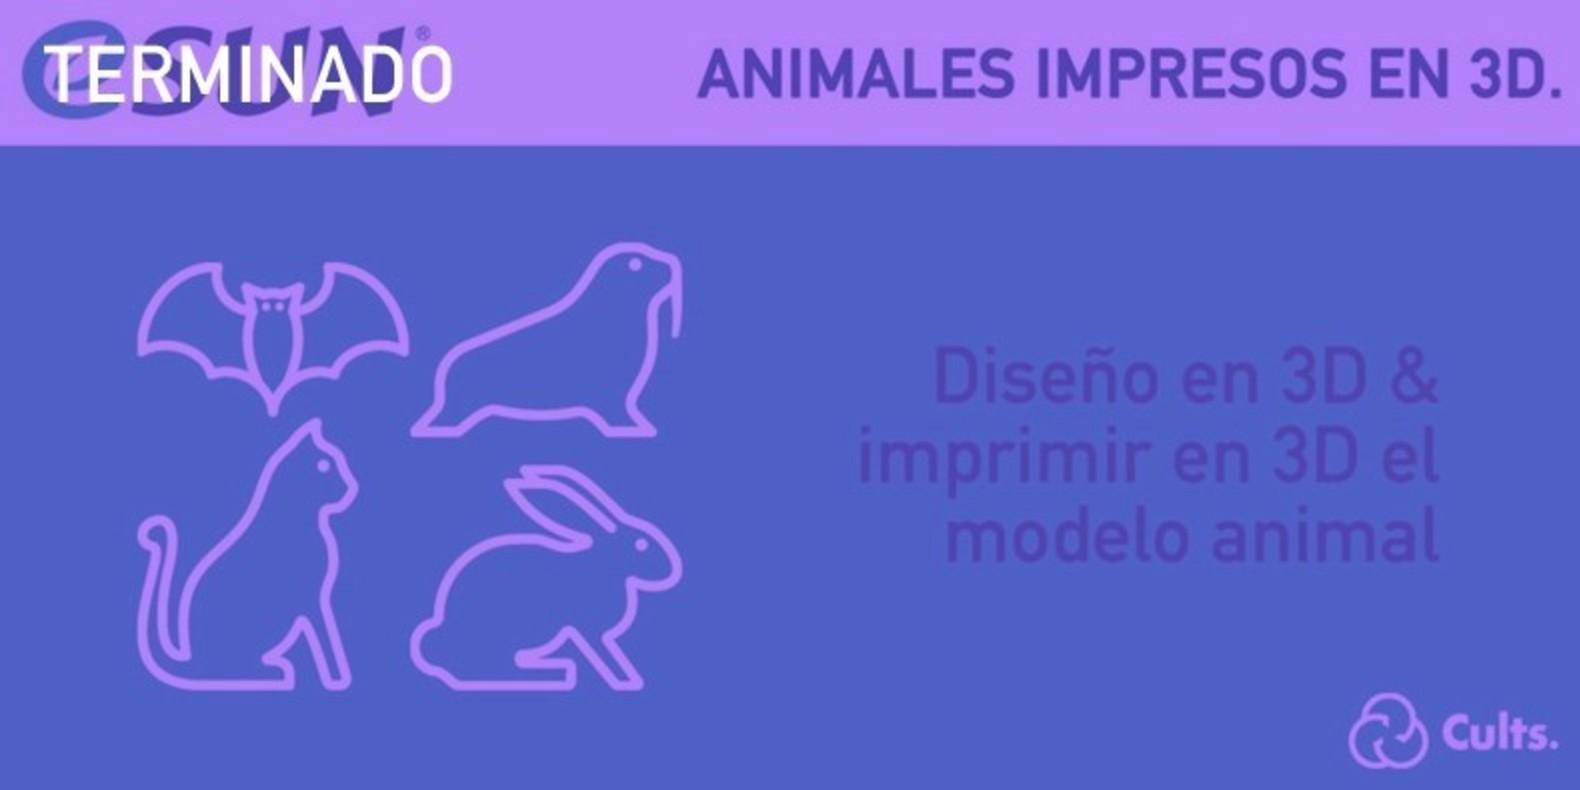 El reto del diseño e impresión en 3D sobre Animales